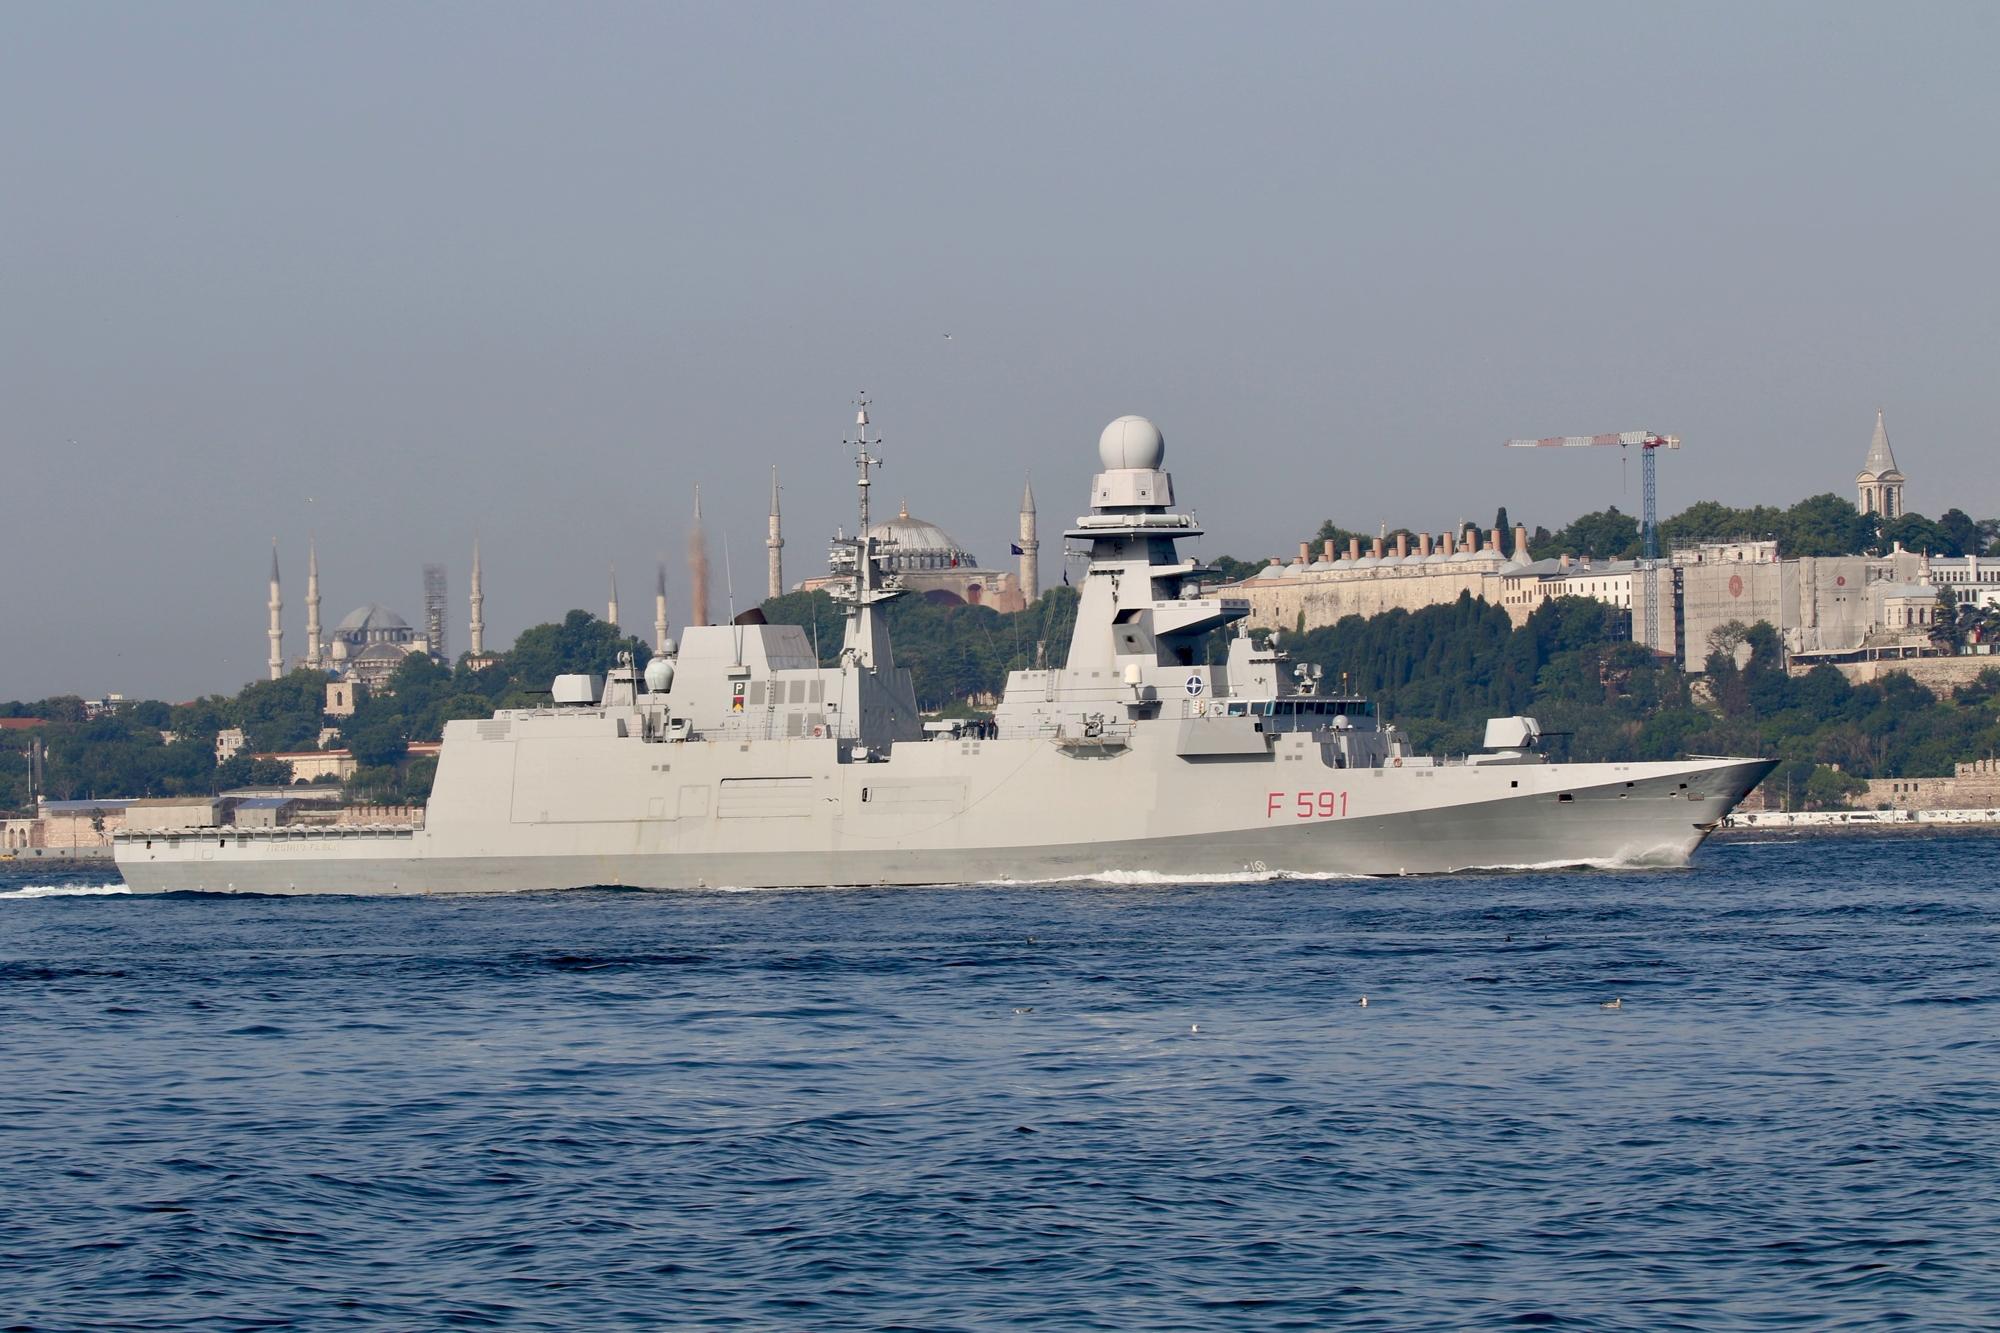 Группа быстрого реагирования НАТО идет в Черное море: два фрегата пересекли Босфор 1